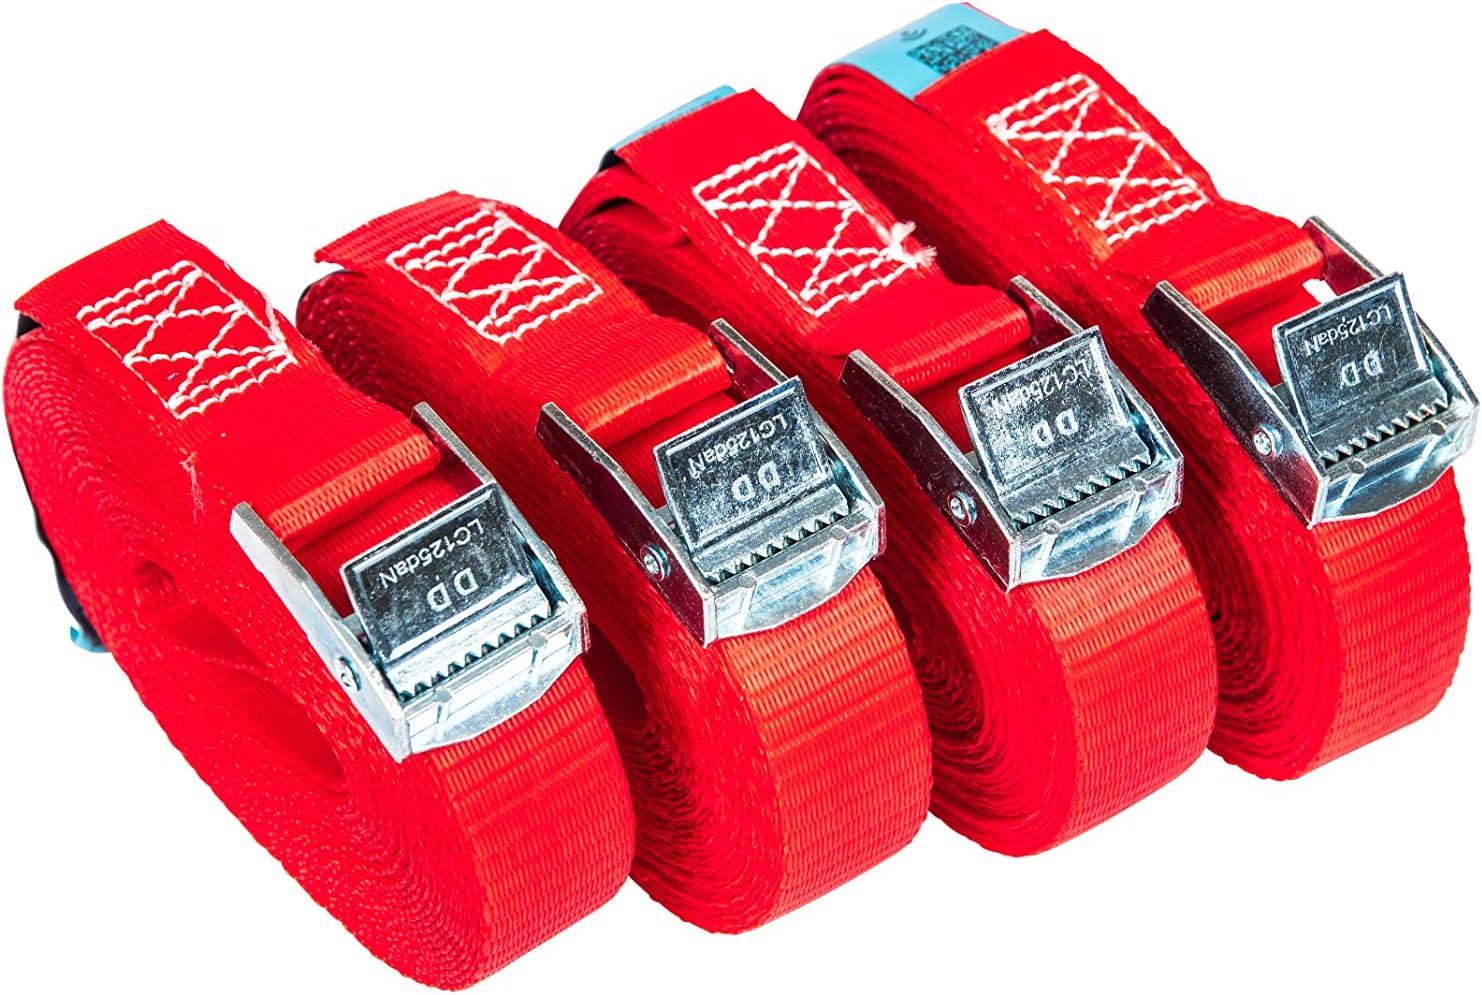 PKD 720 Lot de 4 sangles darrimage avec boucle de serrage Largeur 25 mm Longueur 4 m